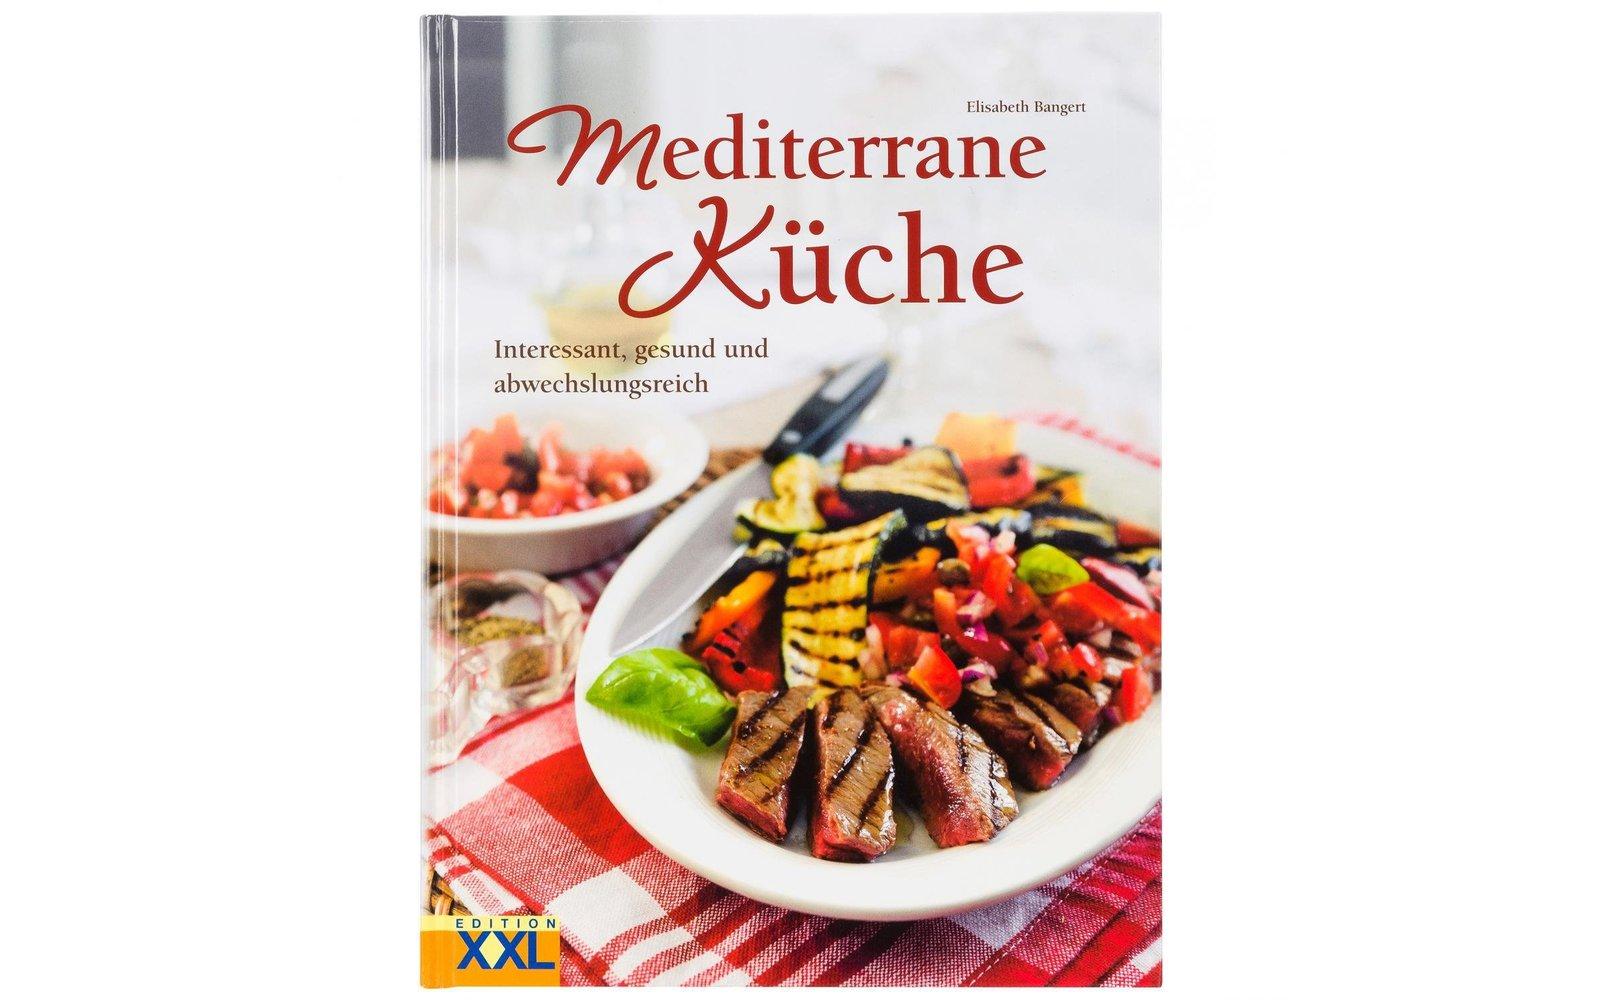 buch mediterrane küche - fritz berger campingbedarf